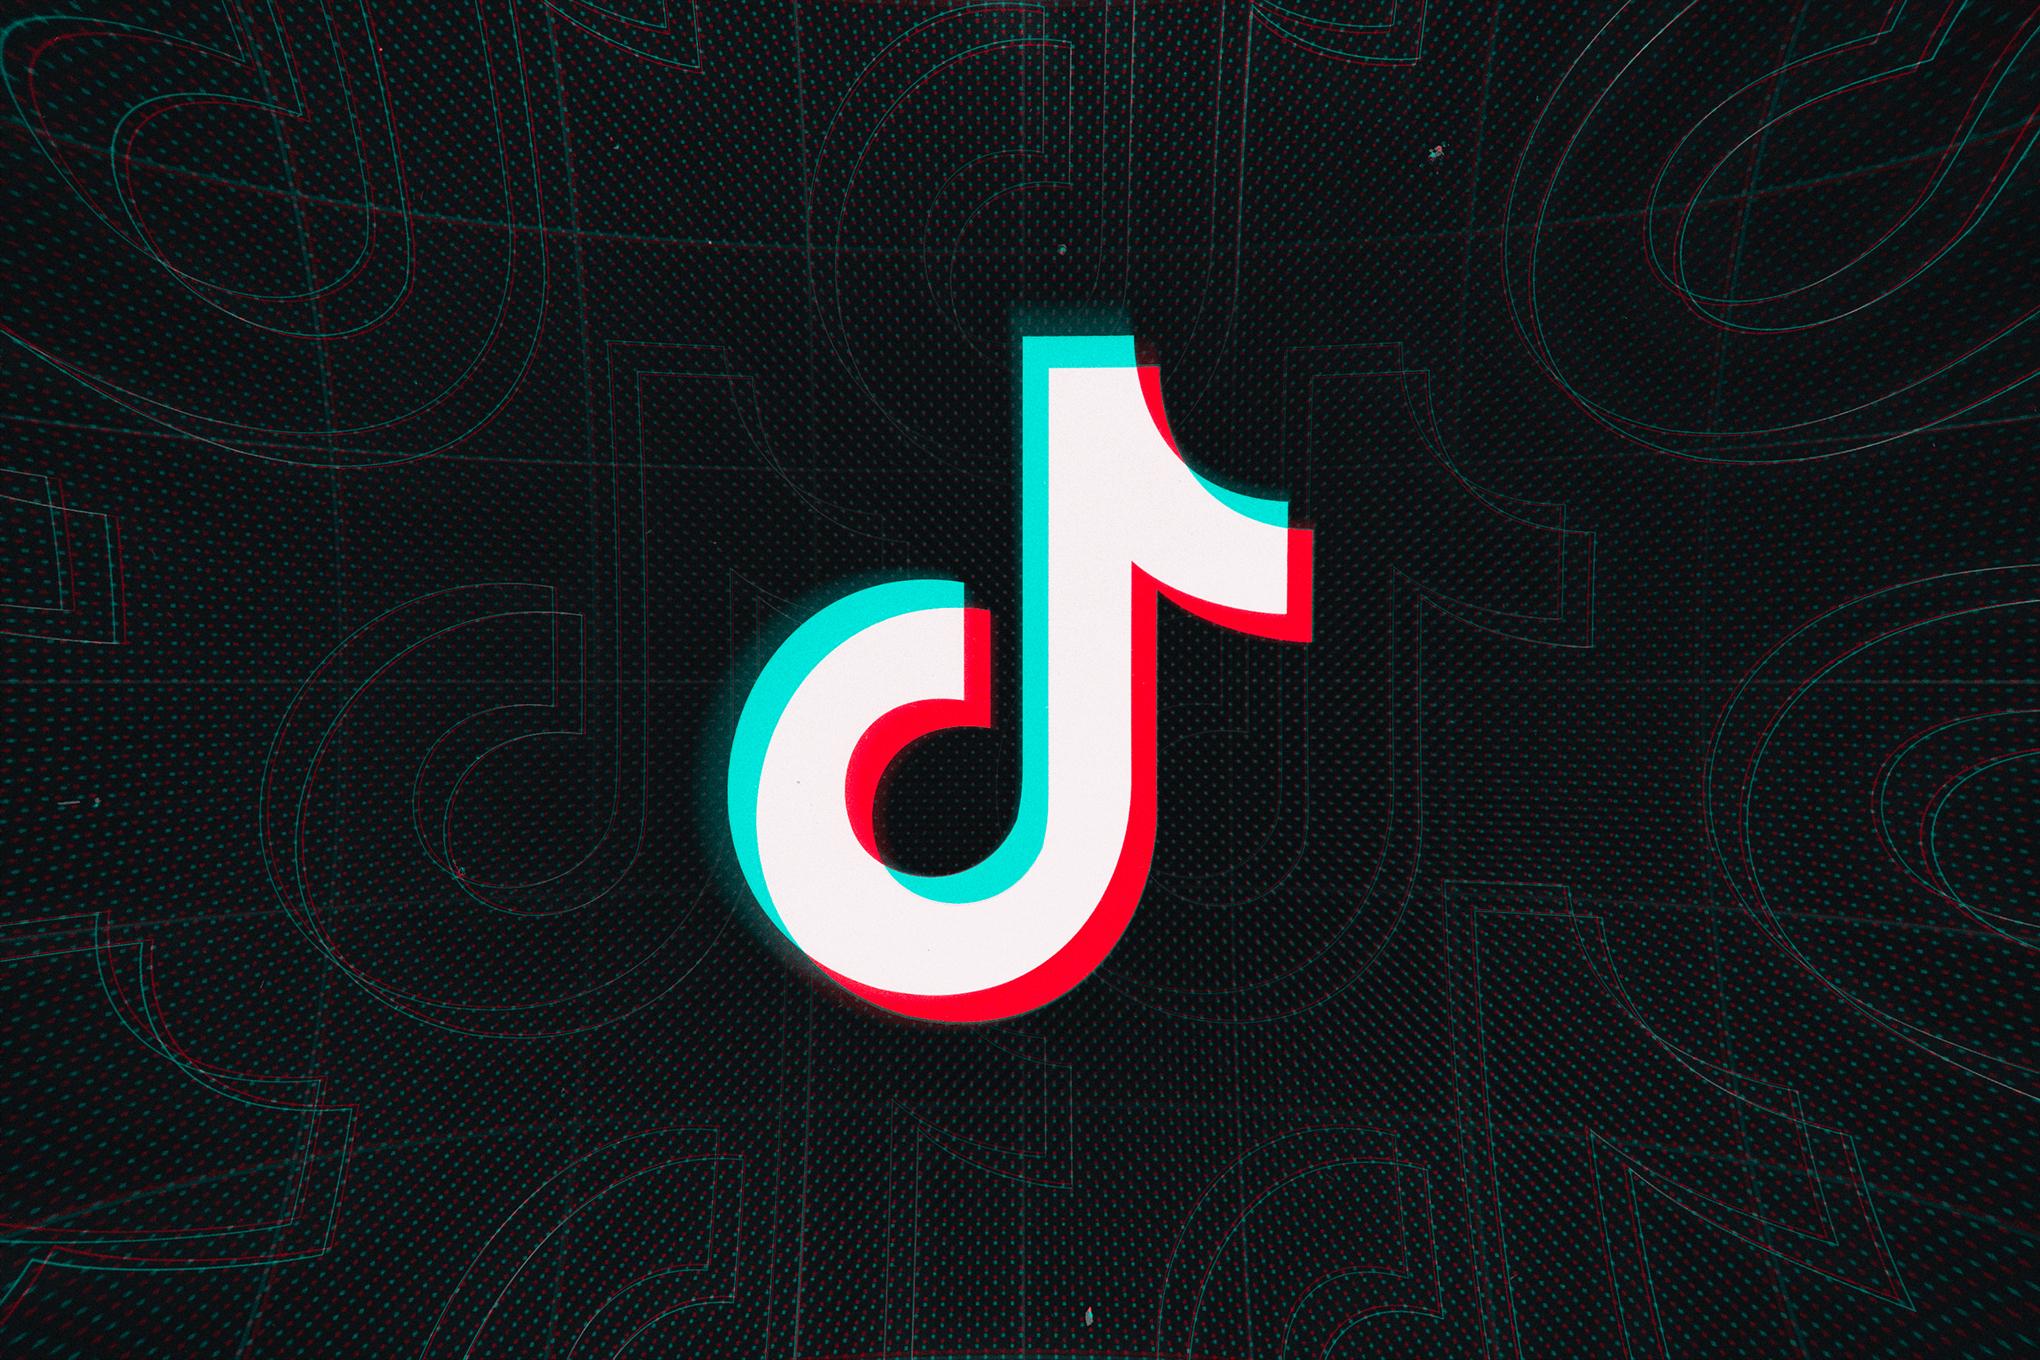 The TikTok music note logo against a dark background.